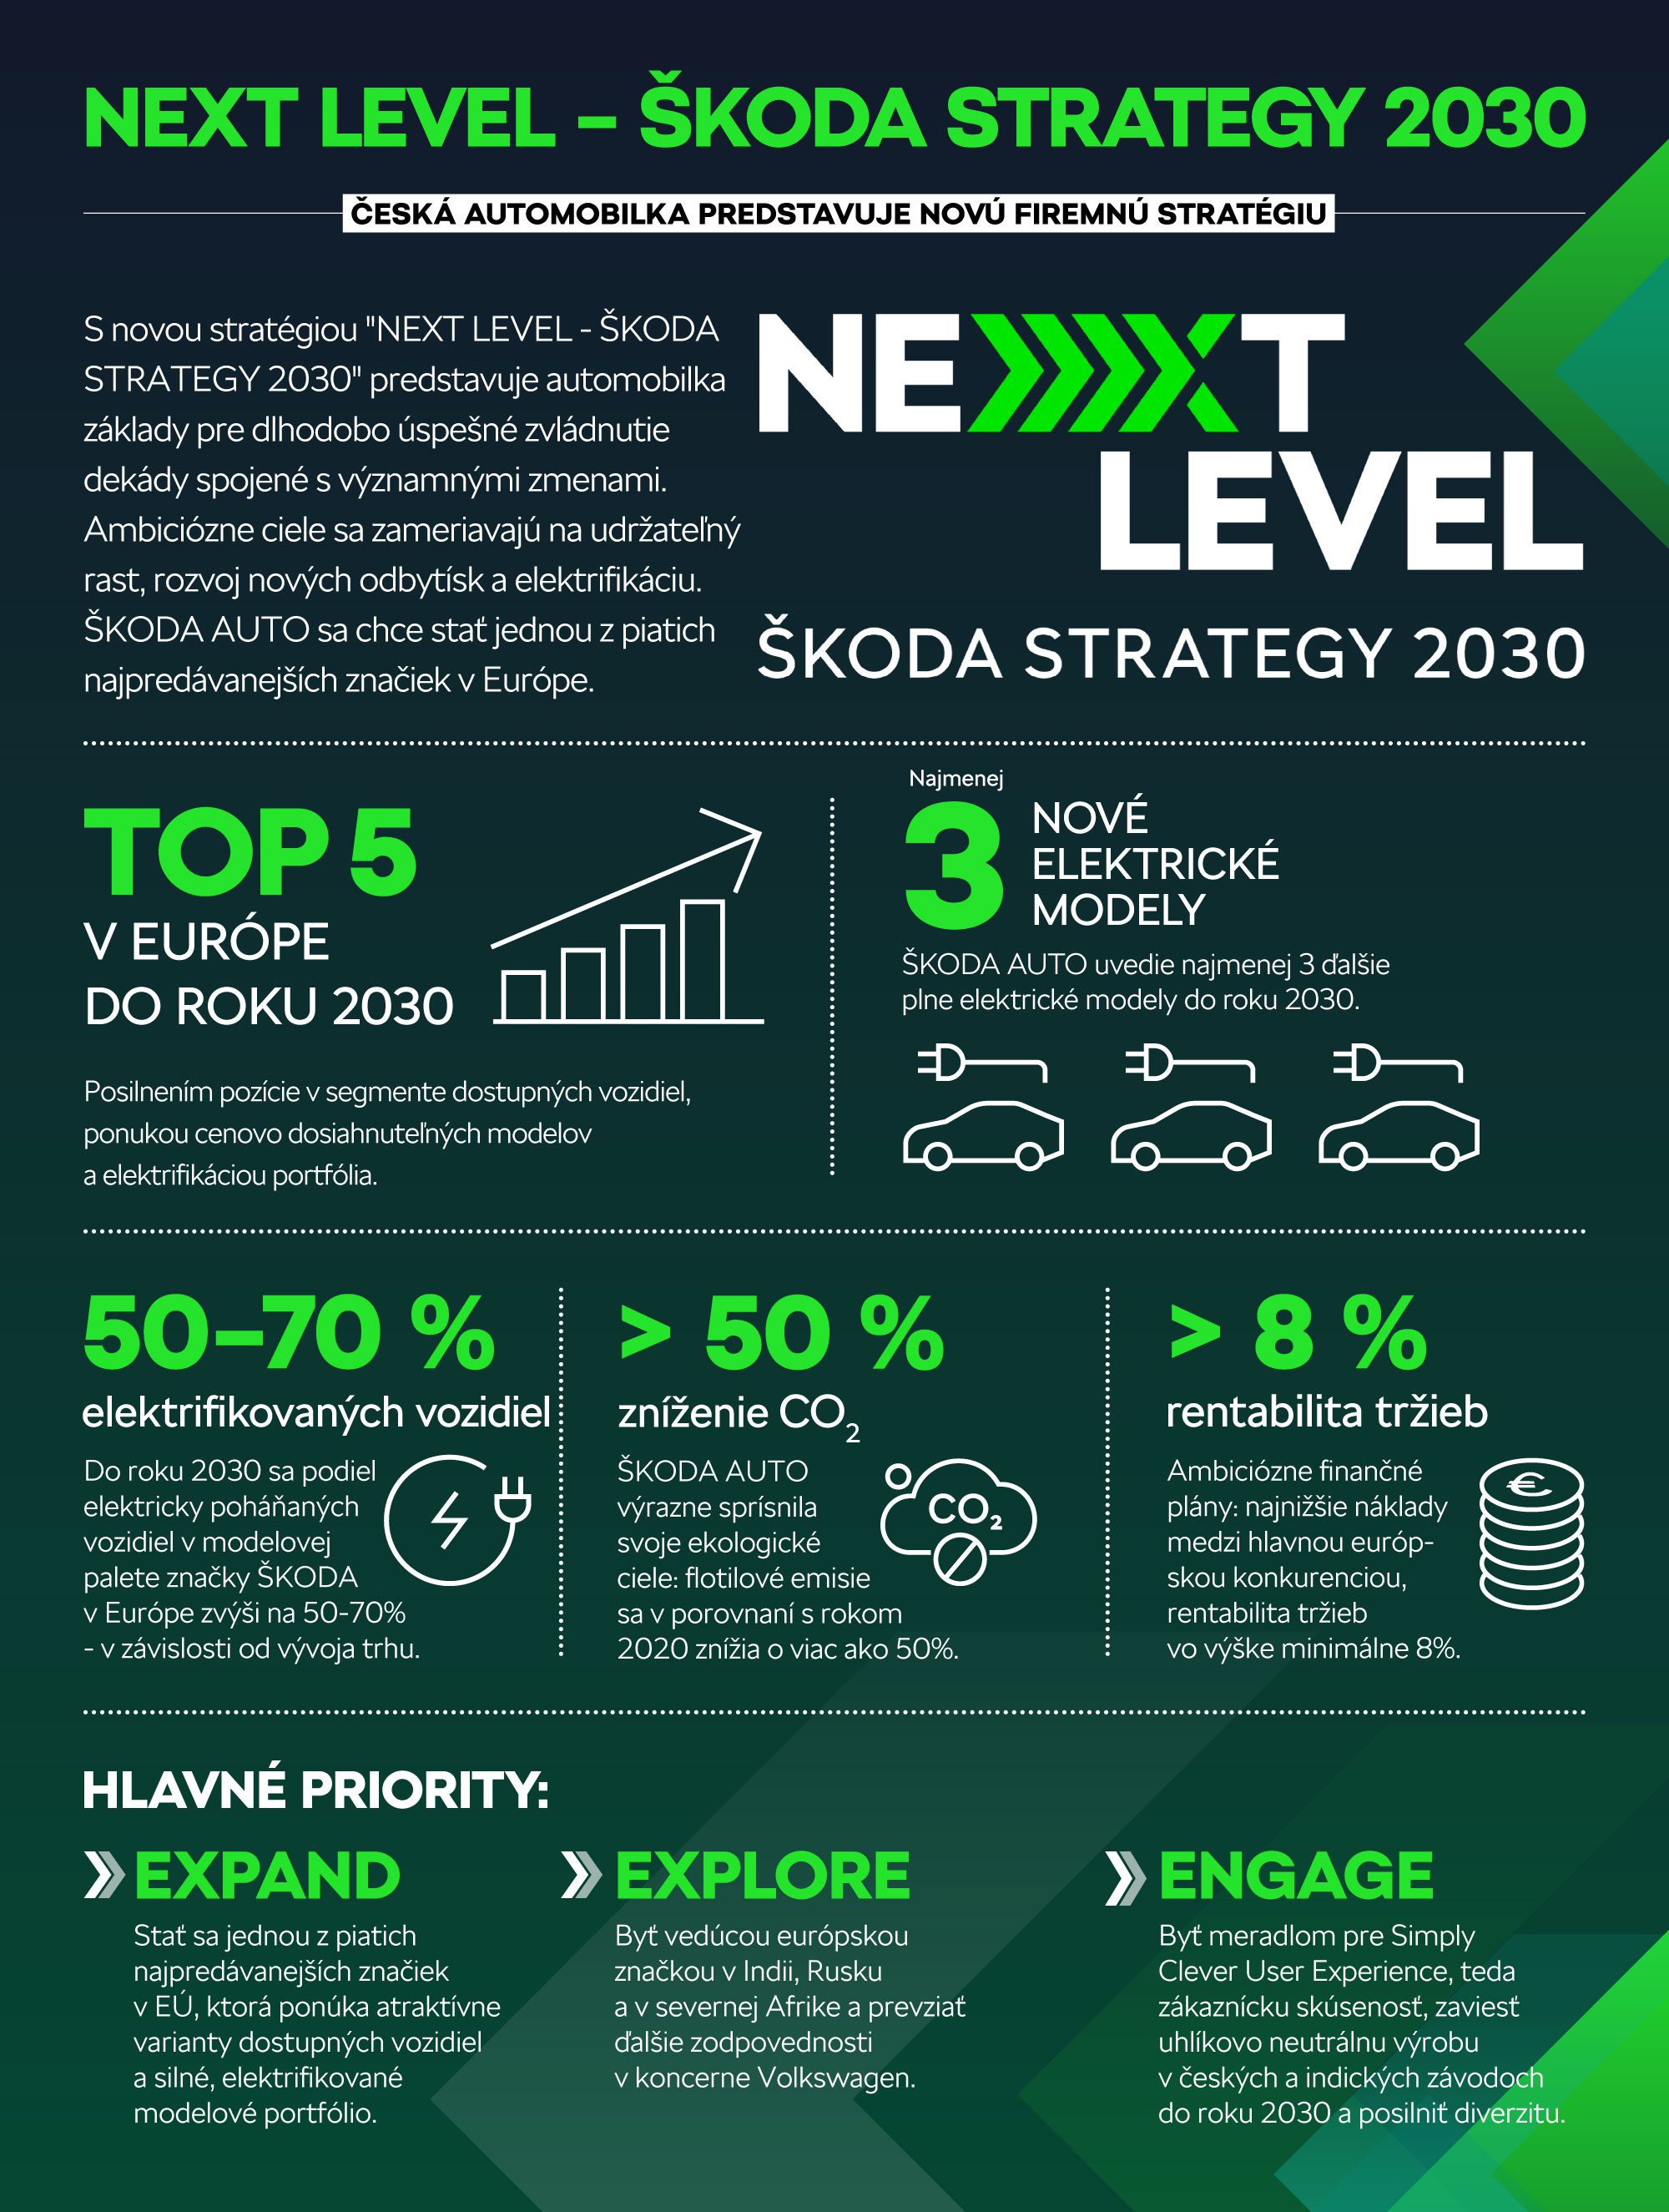 Medzinárodnejšia, elektrifikovanejšia a digitálnejšia –  ŠKODA AUTO predstavuje novú firemnú stratégiu